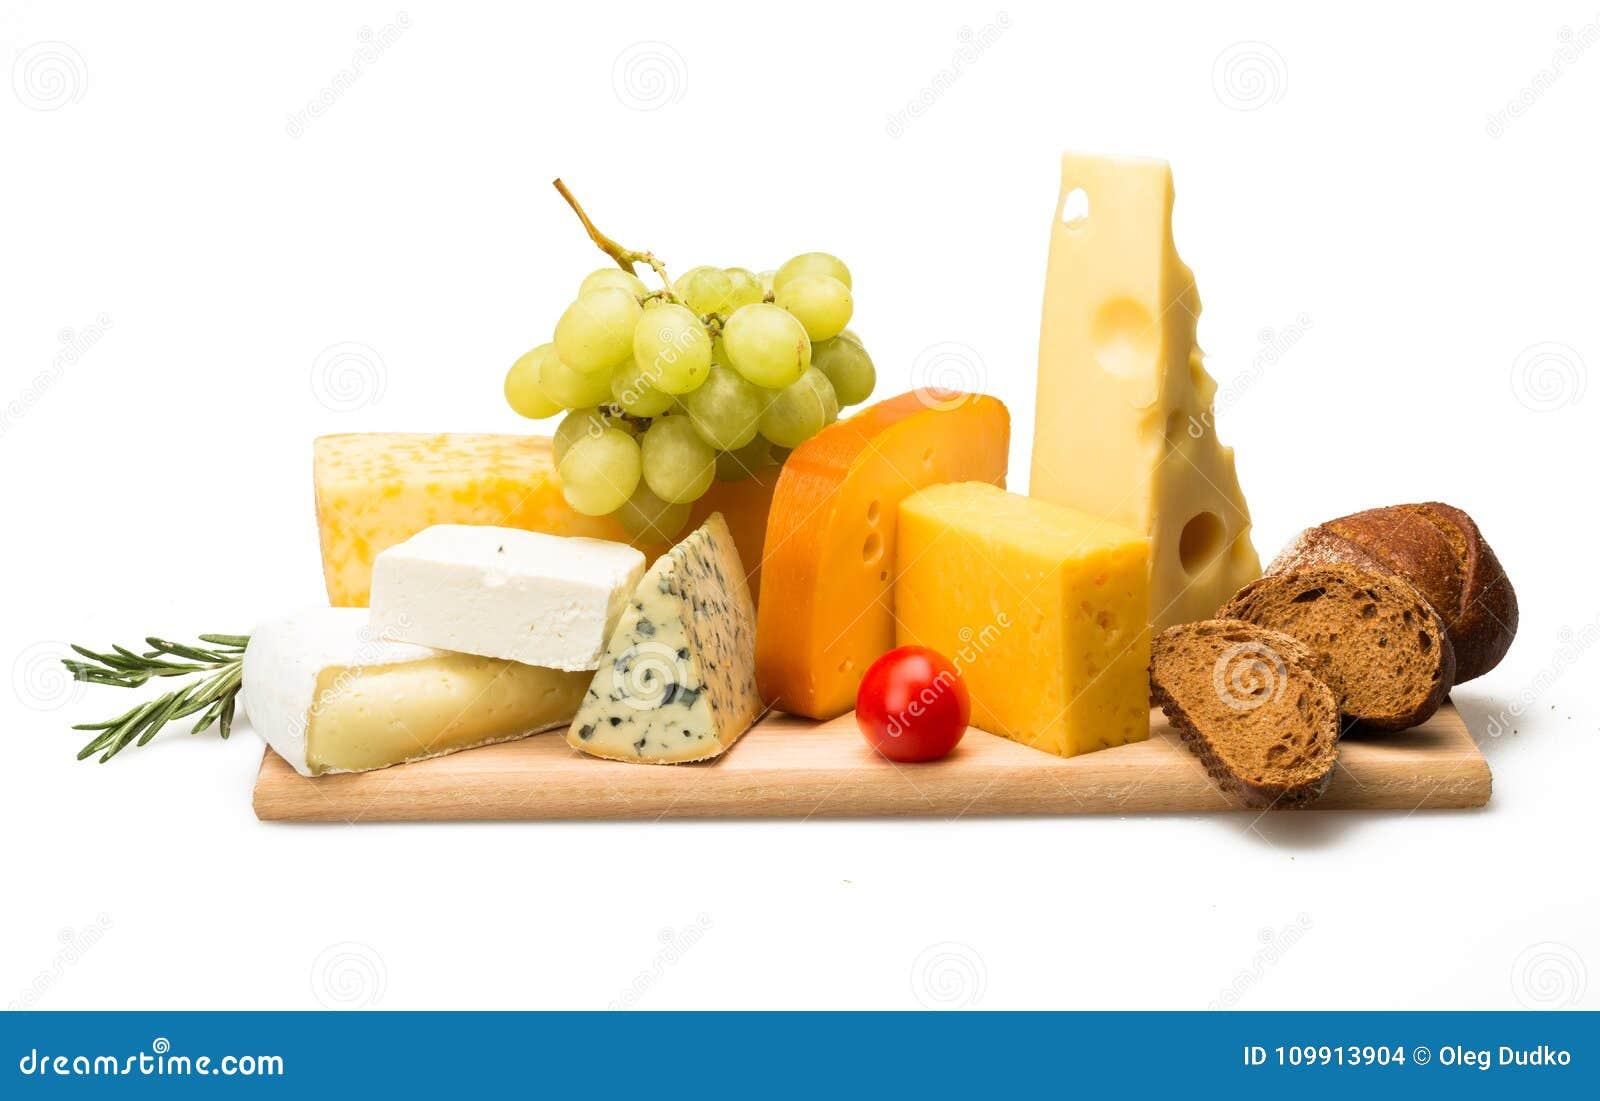 各种各样的种类乳酪,樱桃Tomatoe,葡萄